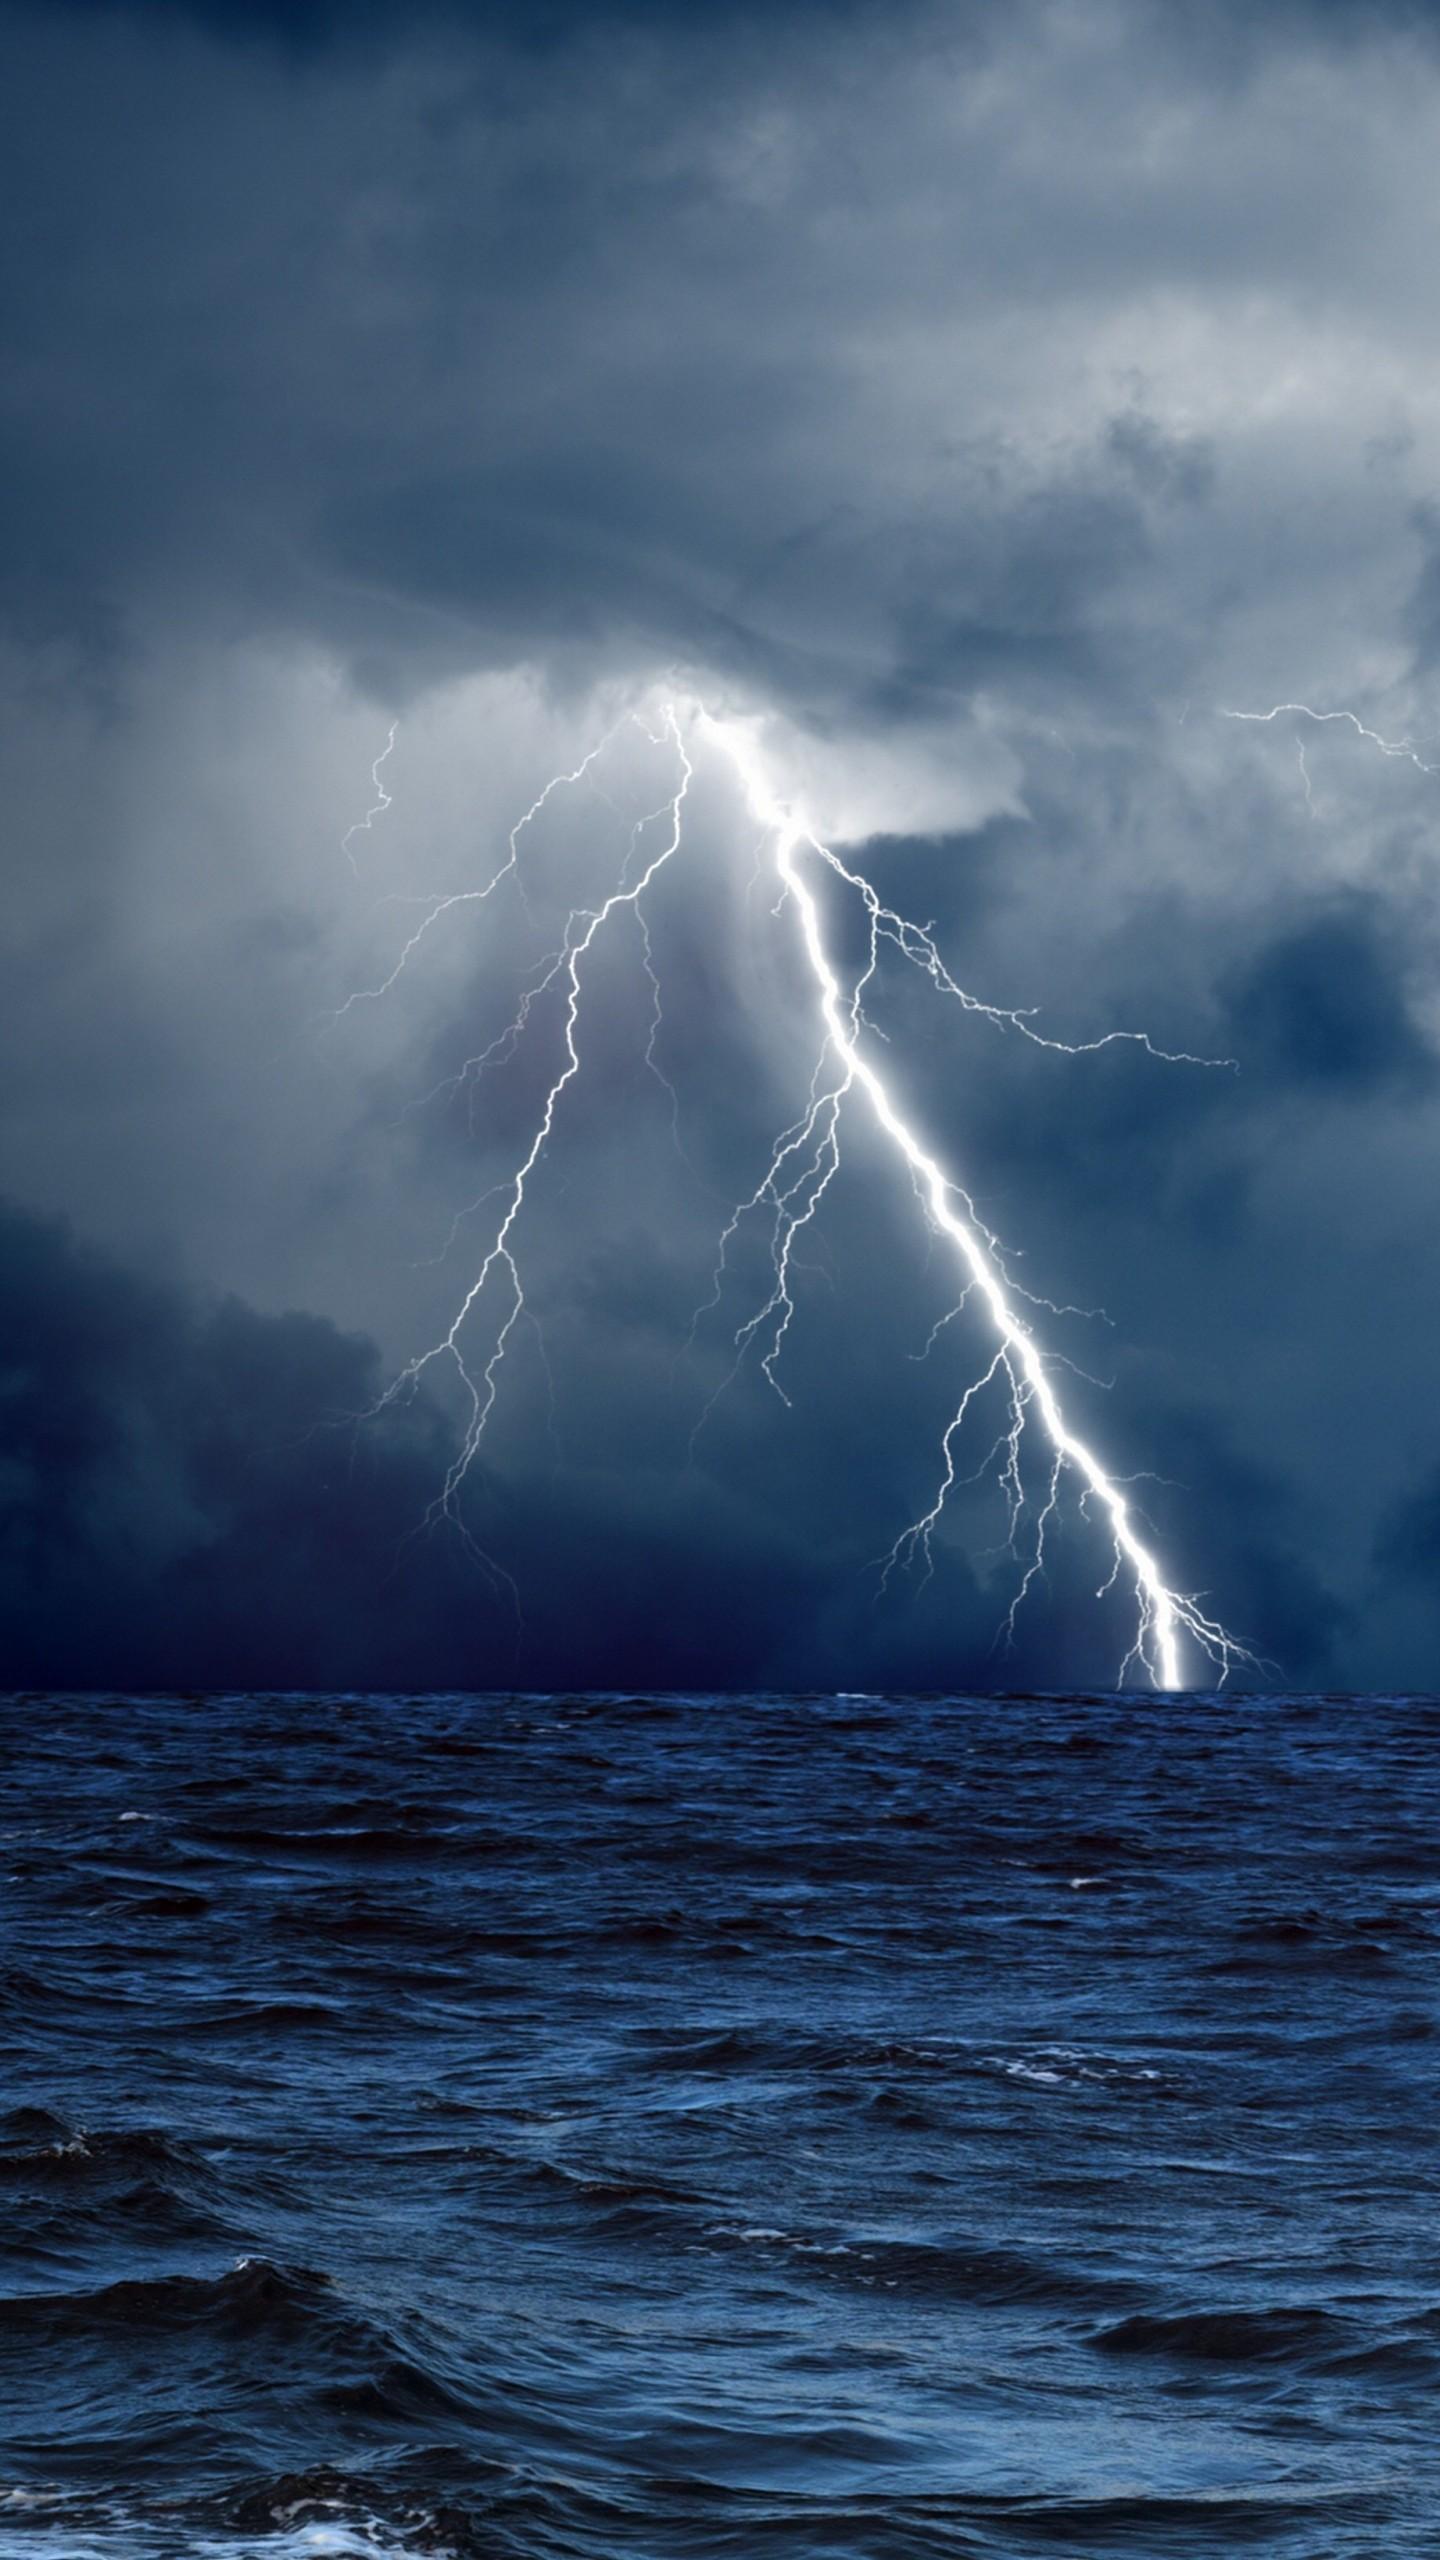 Wallpaper Sea 5k 4k Wallpaper 8k Ocean Storm Lightning